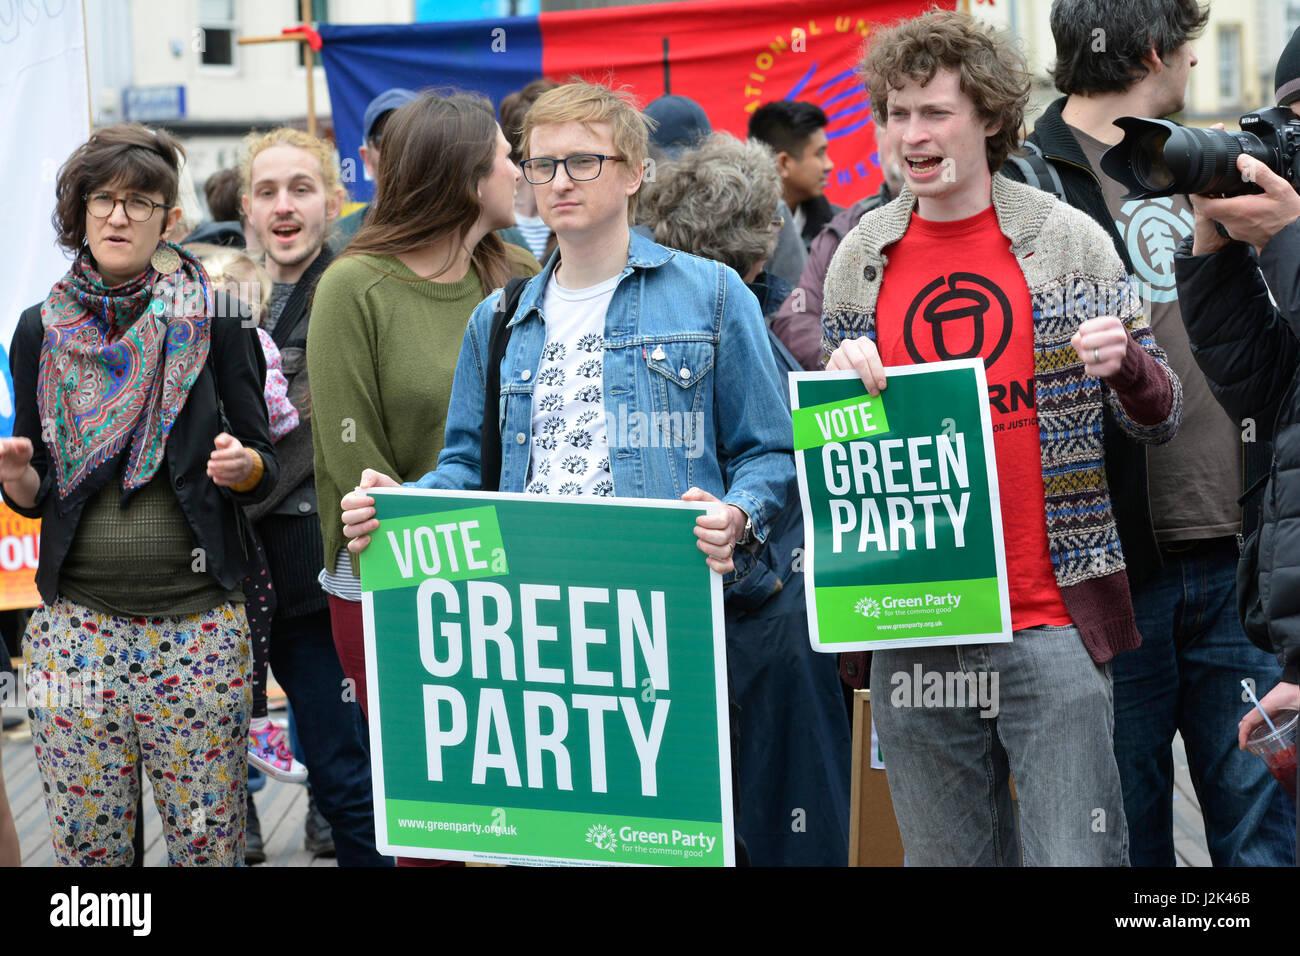 Bristol, Royaume-Uni. Apr 29, 2017. 1ère grande démo de l'aile gauche activists holding conservateurs Photo Stock